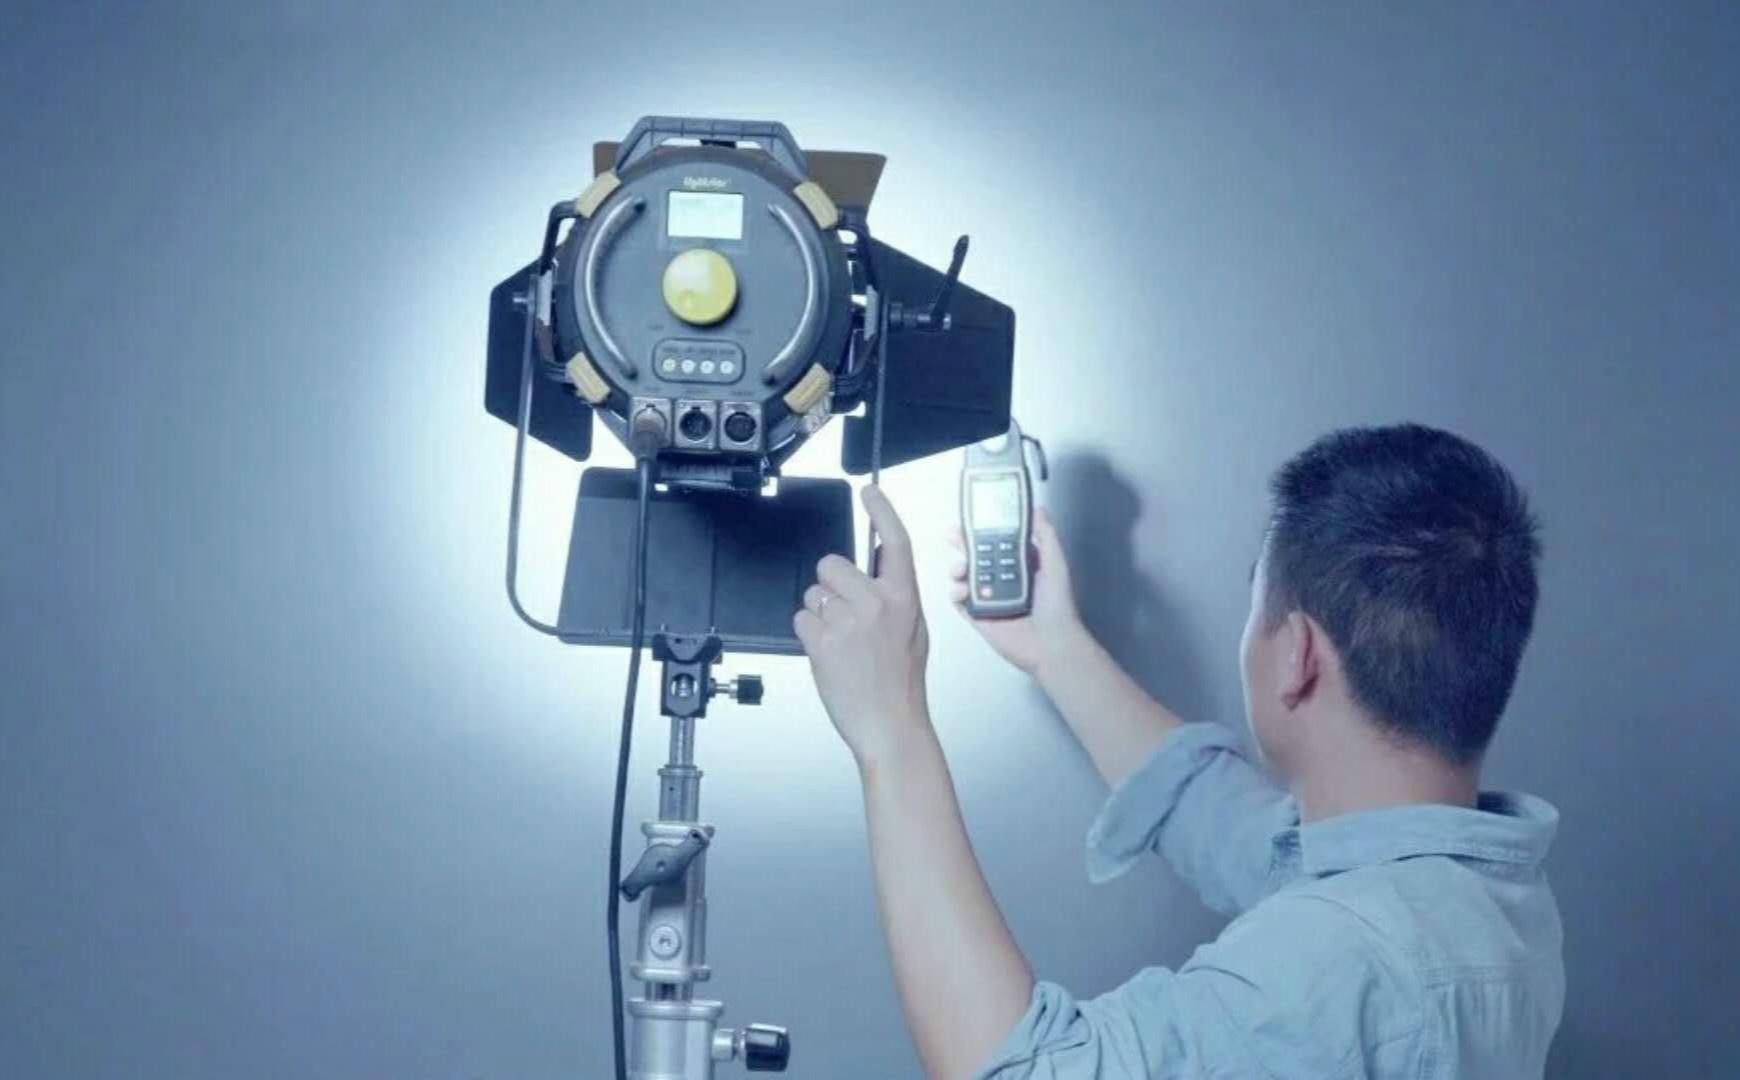 评测 莱斯达九州娱乐网nu11net级聚光灯100元专属预定外,还有同系列ST200现货供应!